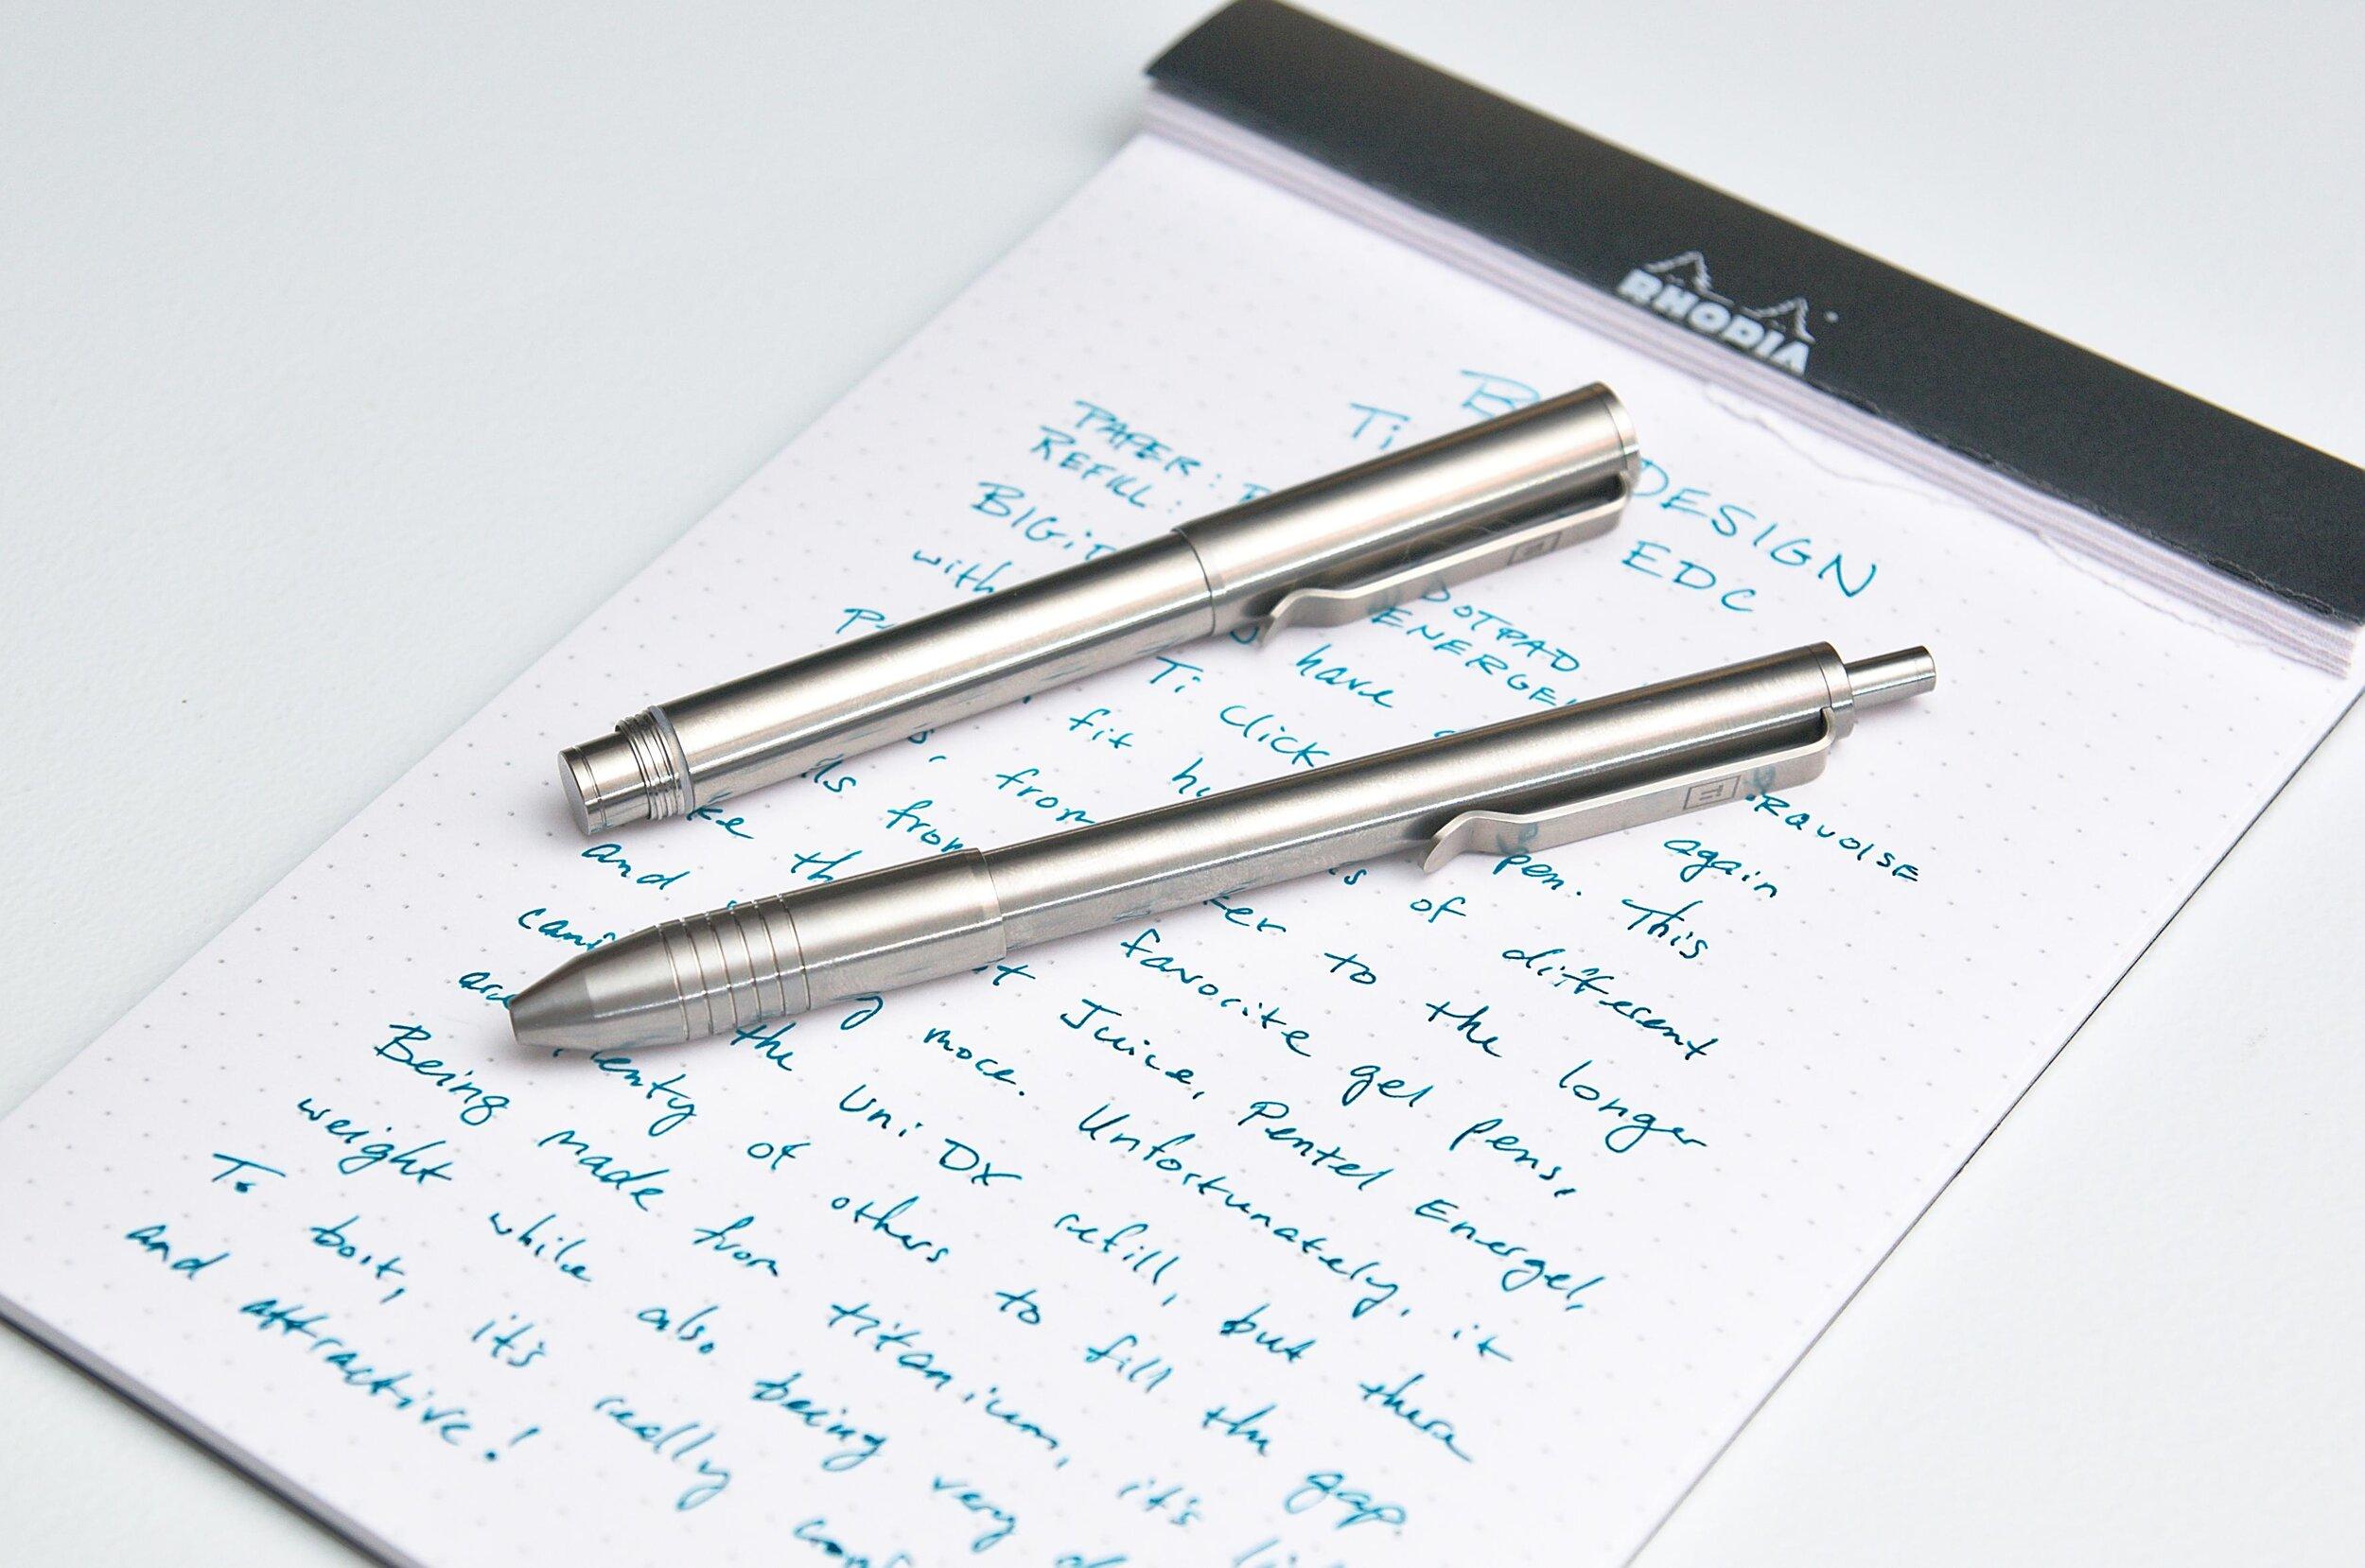 BIGiDESIGN Ti Click EDC Titanium Pen Comparison